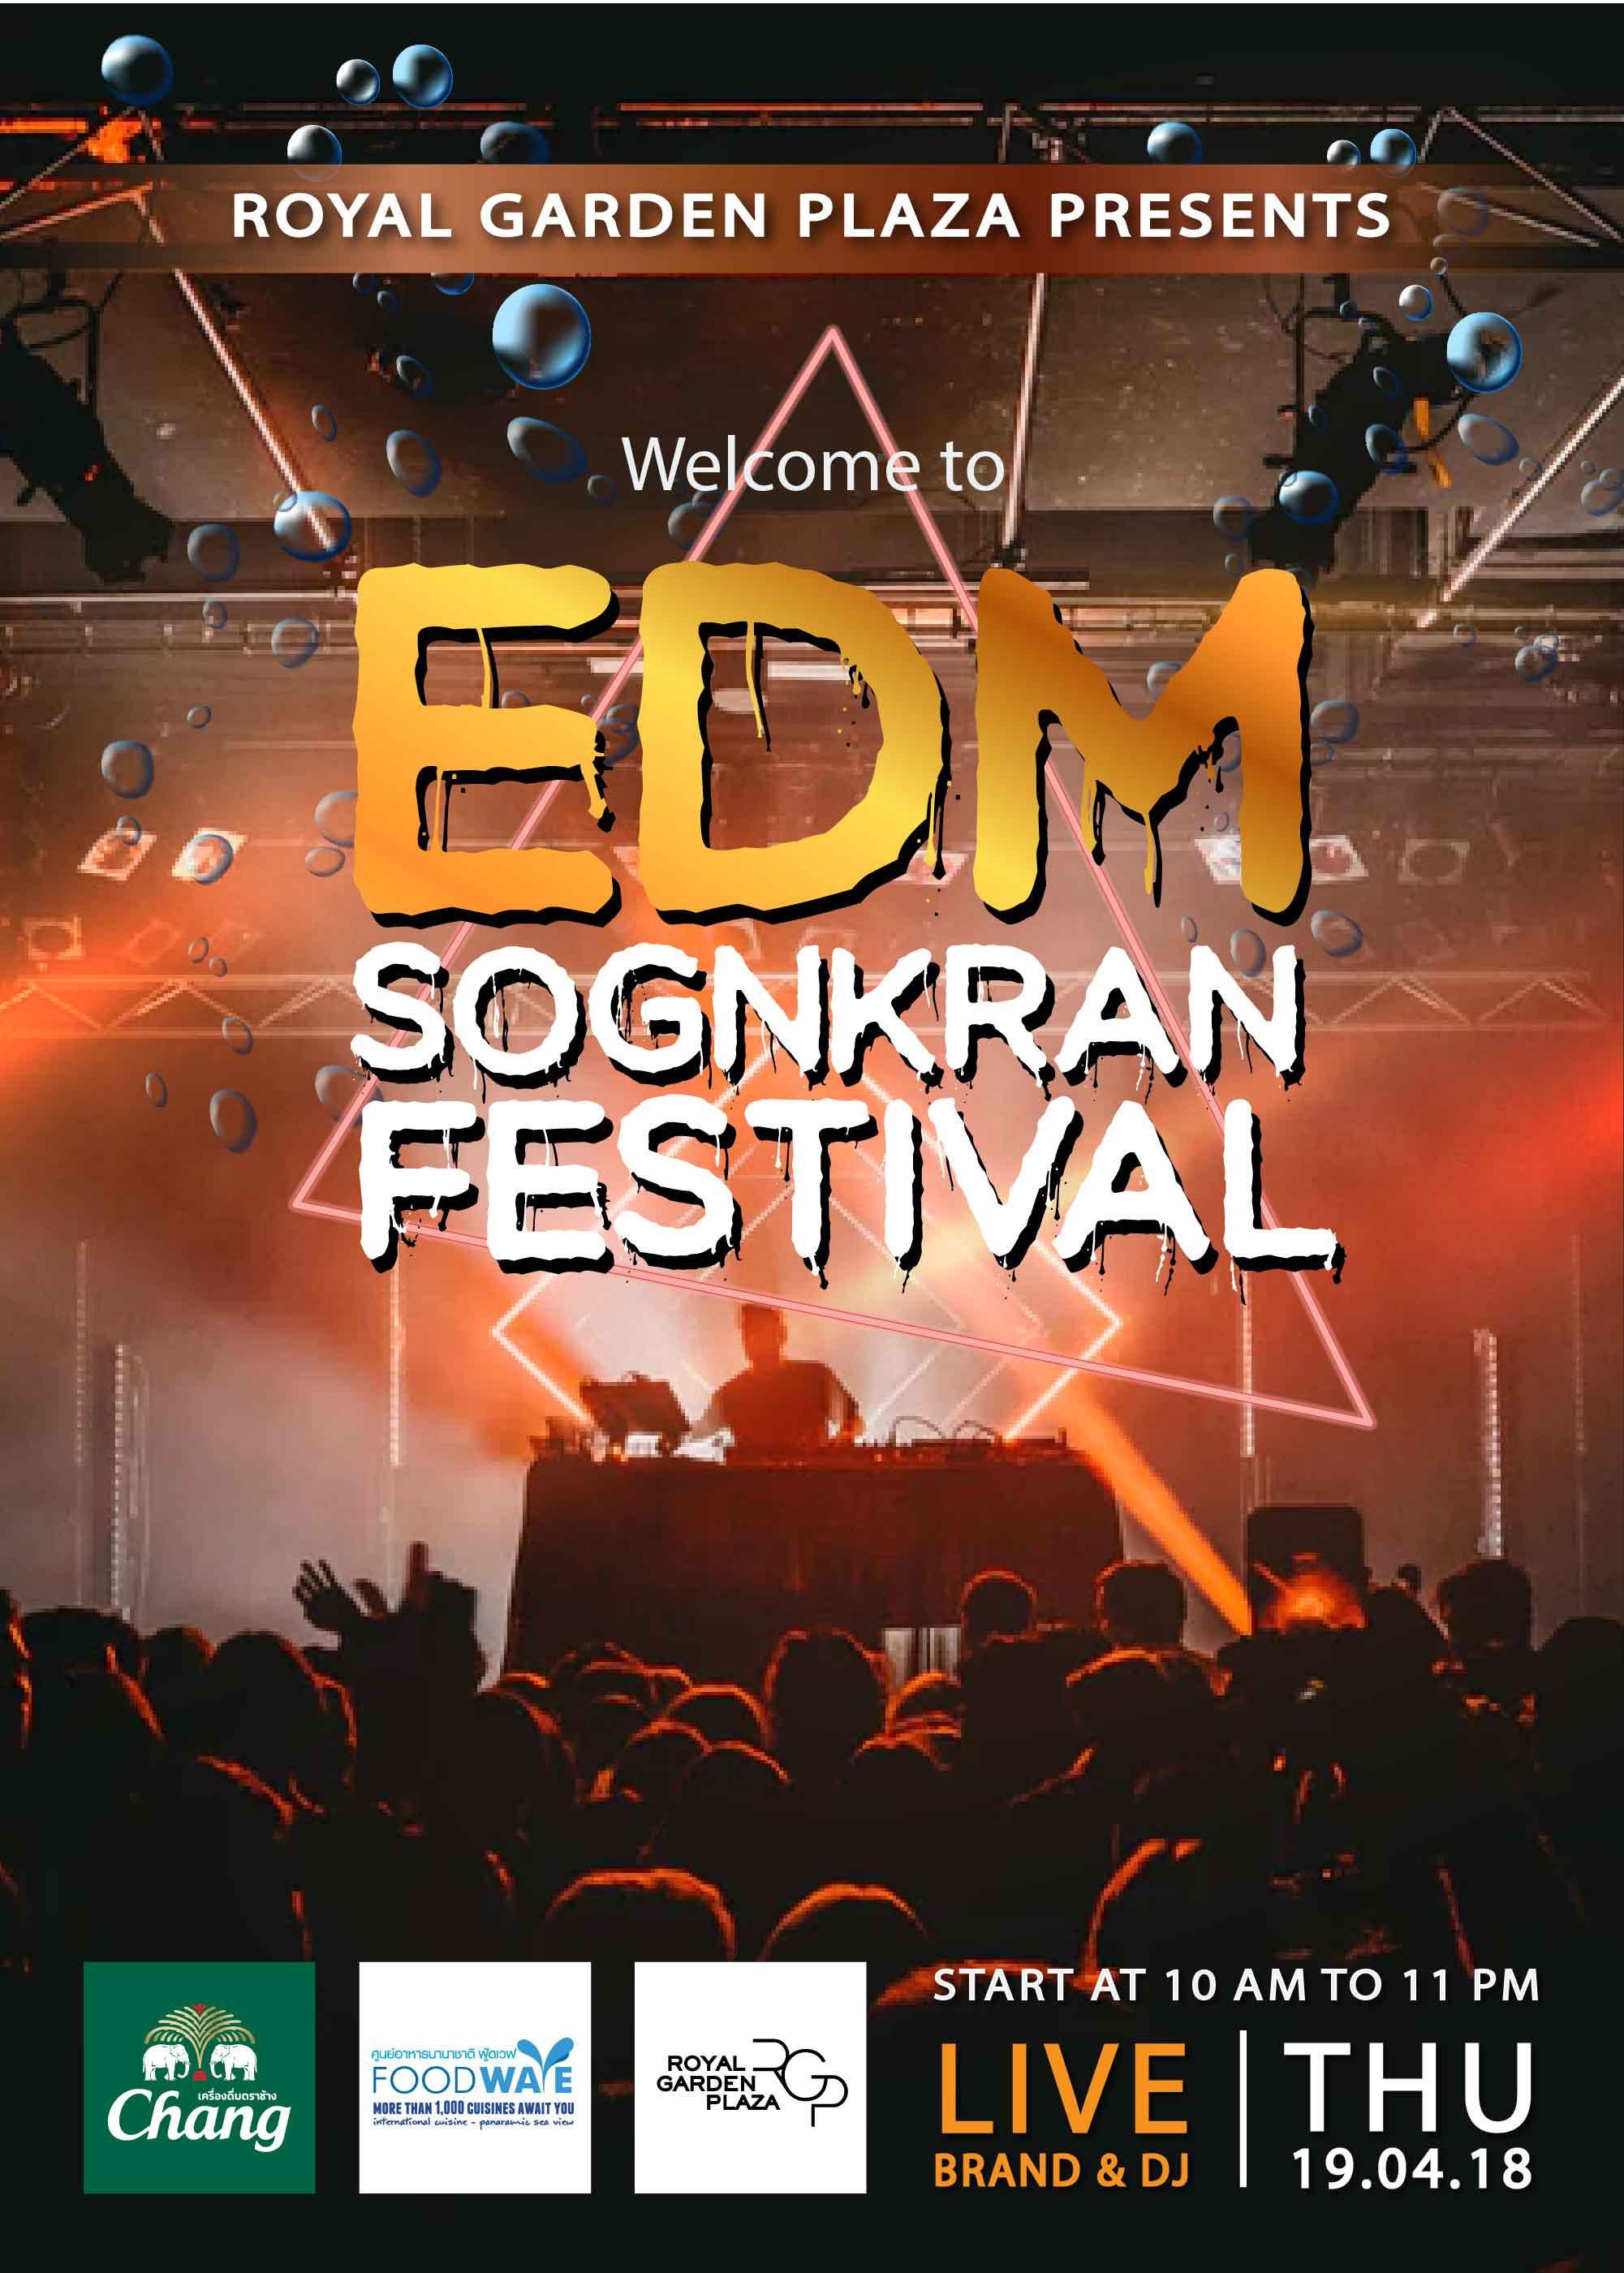 EDM Songkran Festival 2018 at Royal Garden Plaza Pattaya